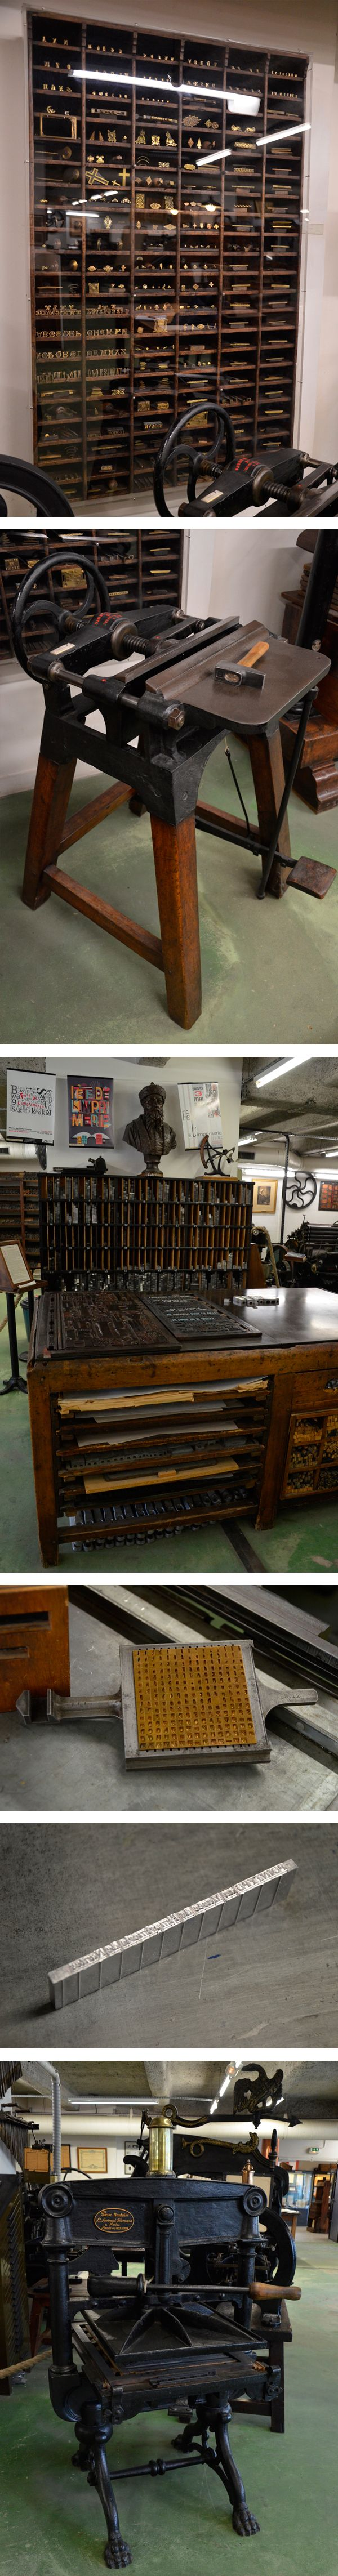 Si vous passez par Nantes n'hésitez pas à aller visiter le Musée de l'imprimerie ! Photos : http://www.pointypo.com/musee-imprimerie-nantes/